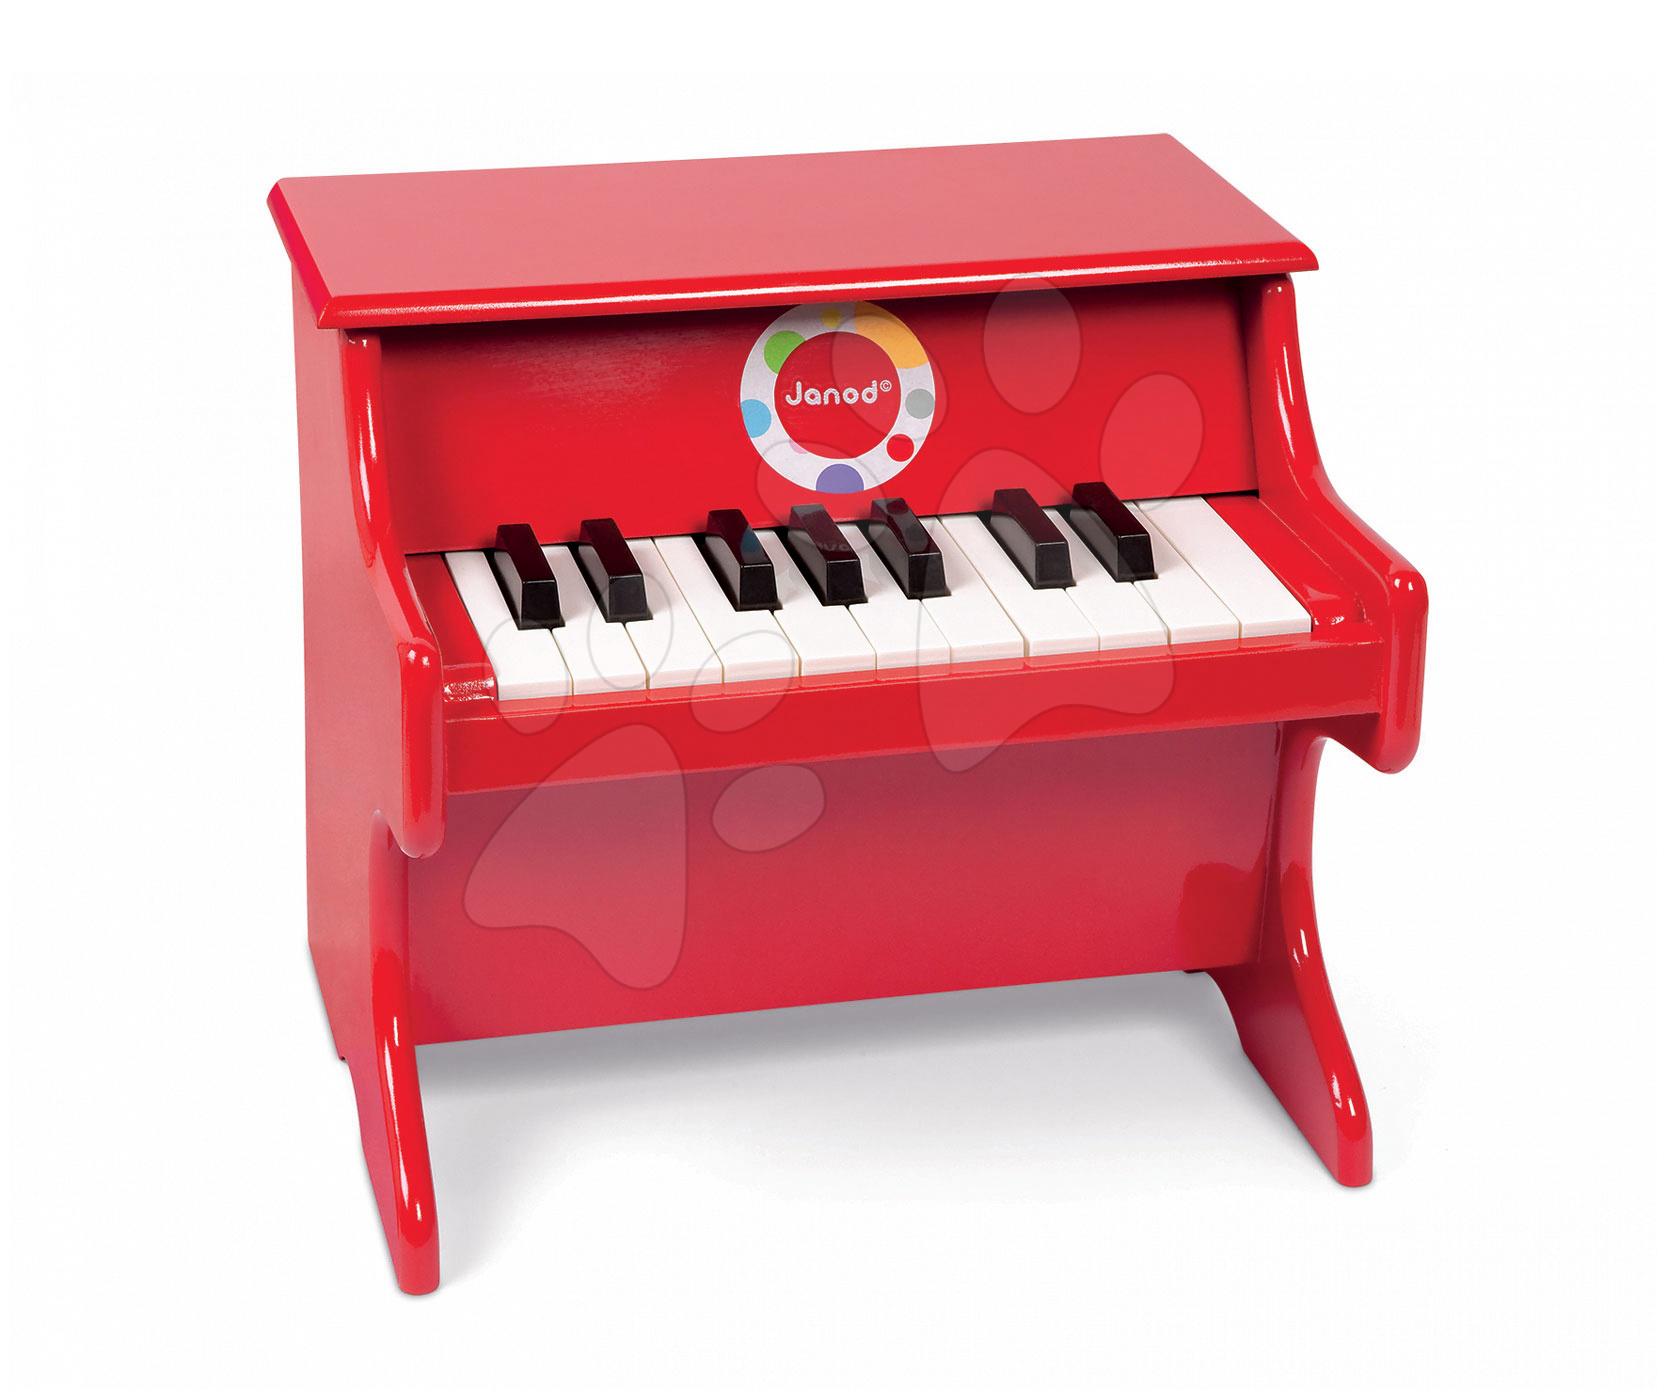 Detské hudobné nástroje - Drevený klavír Confetti Red Piano Janod s realistickým zvukom od 3 rokov